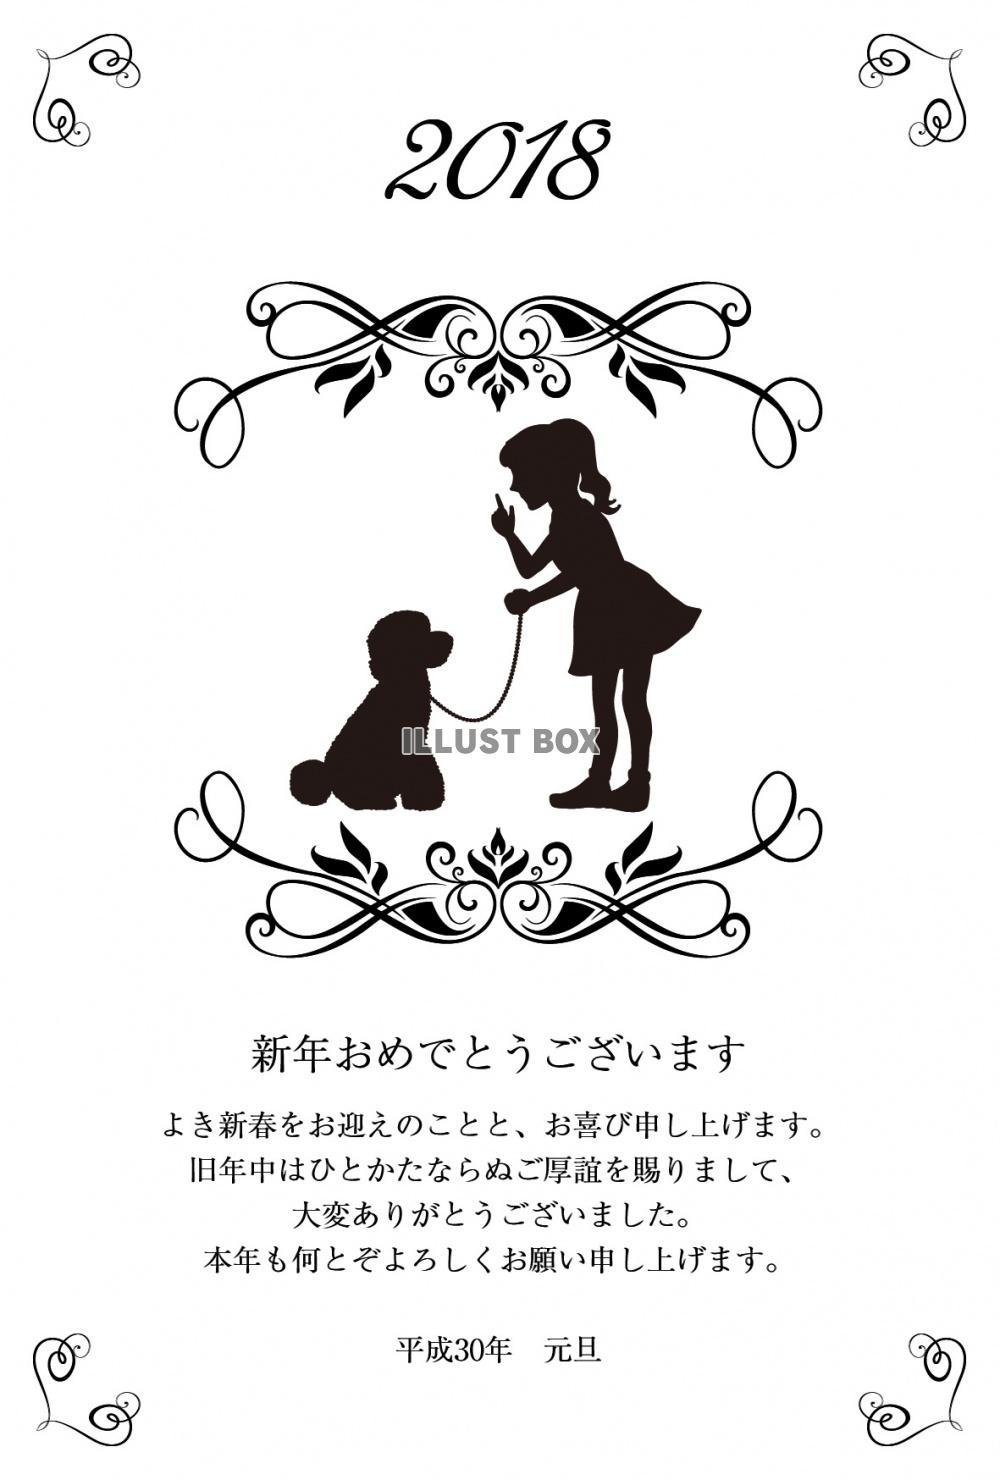 平成 イラスト おしゃれ